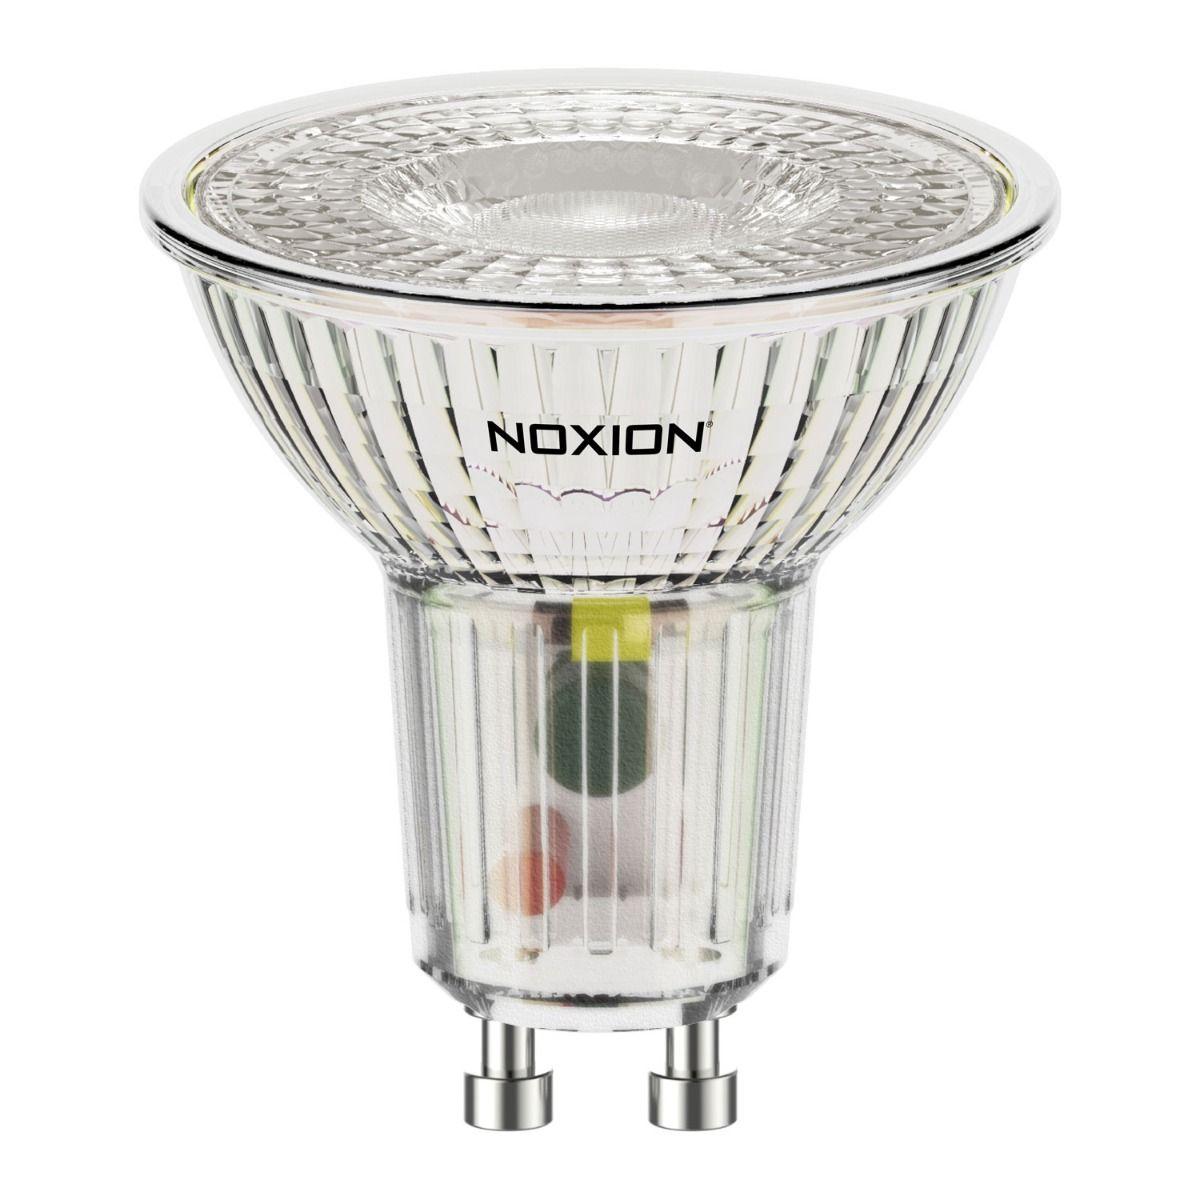 Noxion Spot LED GU10 3.7W 827 36D 260lm   Blanc Très Chaud - Substitut 35W